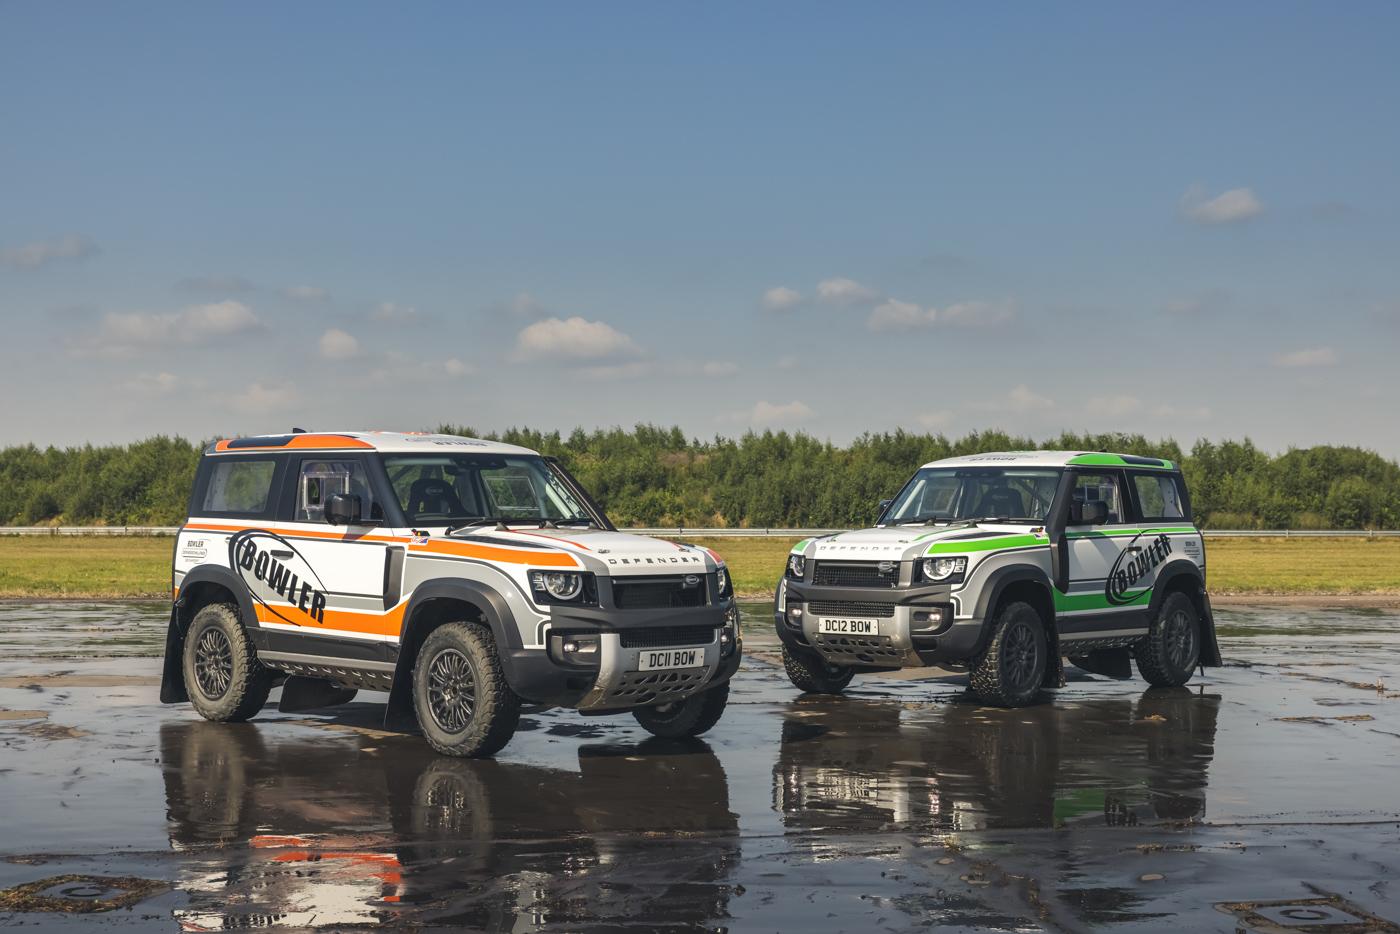 Land-Rover-hợp-tác-cùng-Bowler-ra-mắt-phiên-bản-đua-địa-hình-của-Defender-33.jpg